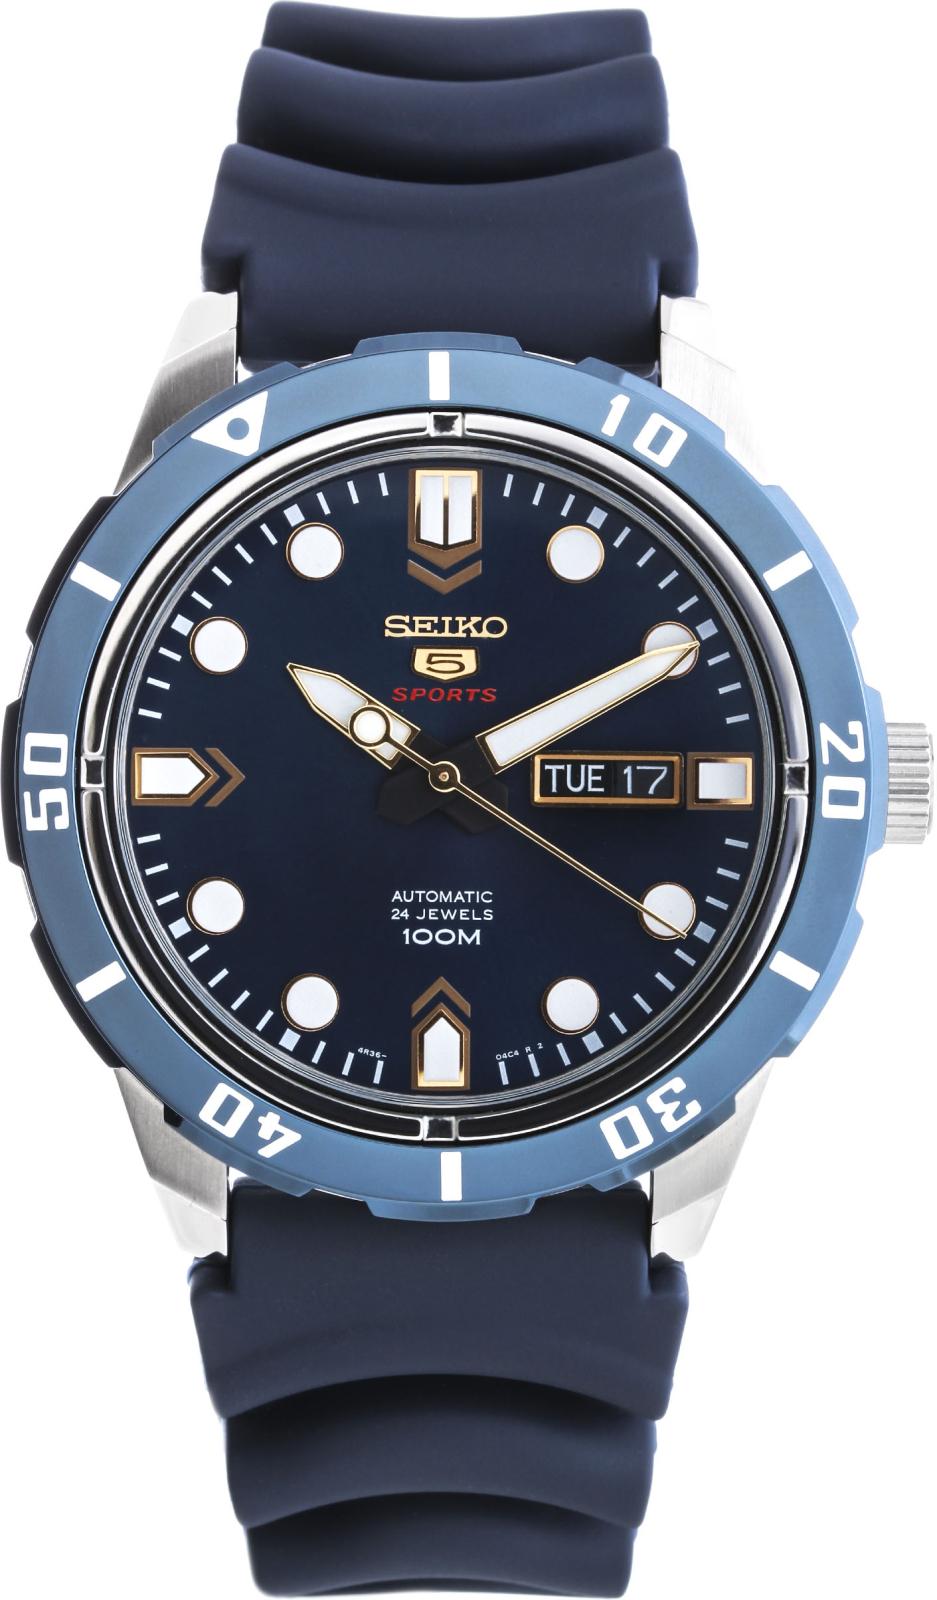 Seiko CS Sports SRP677K2SНаручные часы<br>Японские часы Seiko Seiko5 Sports SRP677K2S<br><br>Для кого?: Мужские<br>Страна-производитель: Япония<br>Механизм: Механический<br>Материал корпуса: Сталь<br>Материал ремня/браслета: Каучук<br>Водозащита, диапазон: 100 - 150 м<br>Стекло: Минеральное<br>Толщина корпуса: None<br>Стиль: Классика